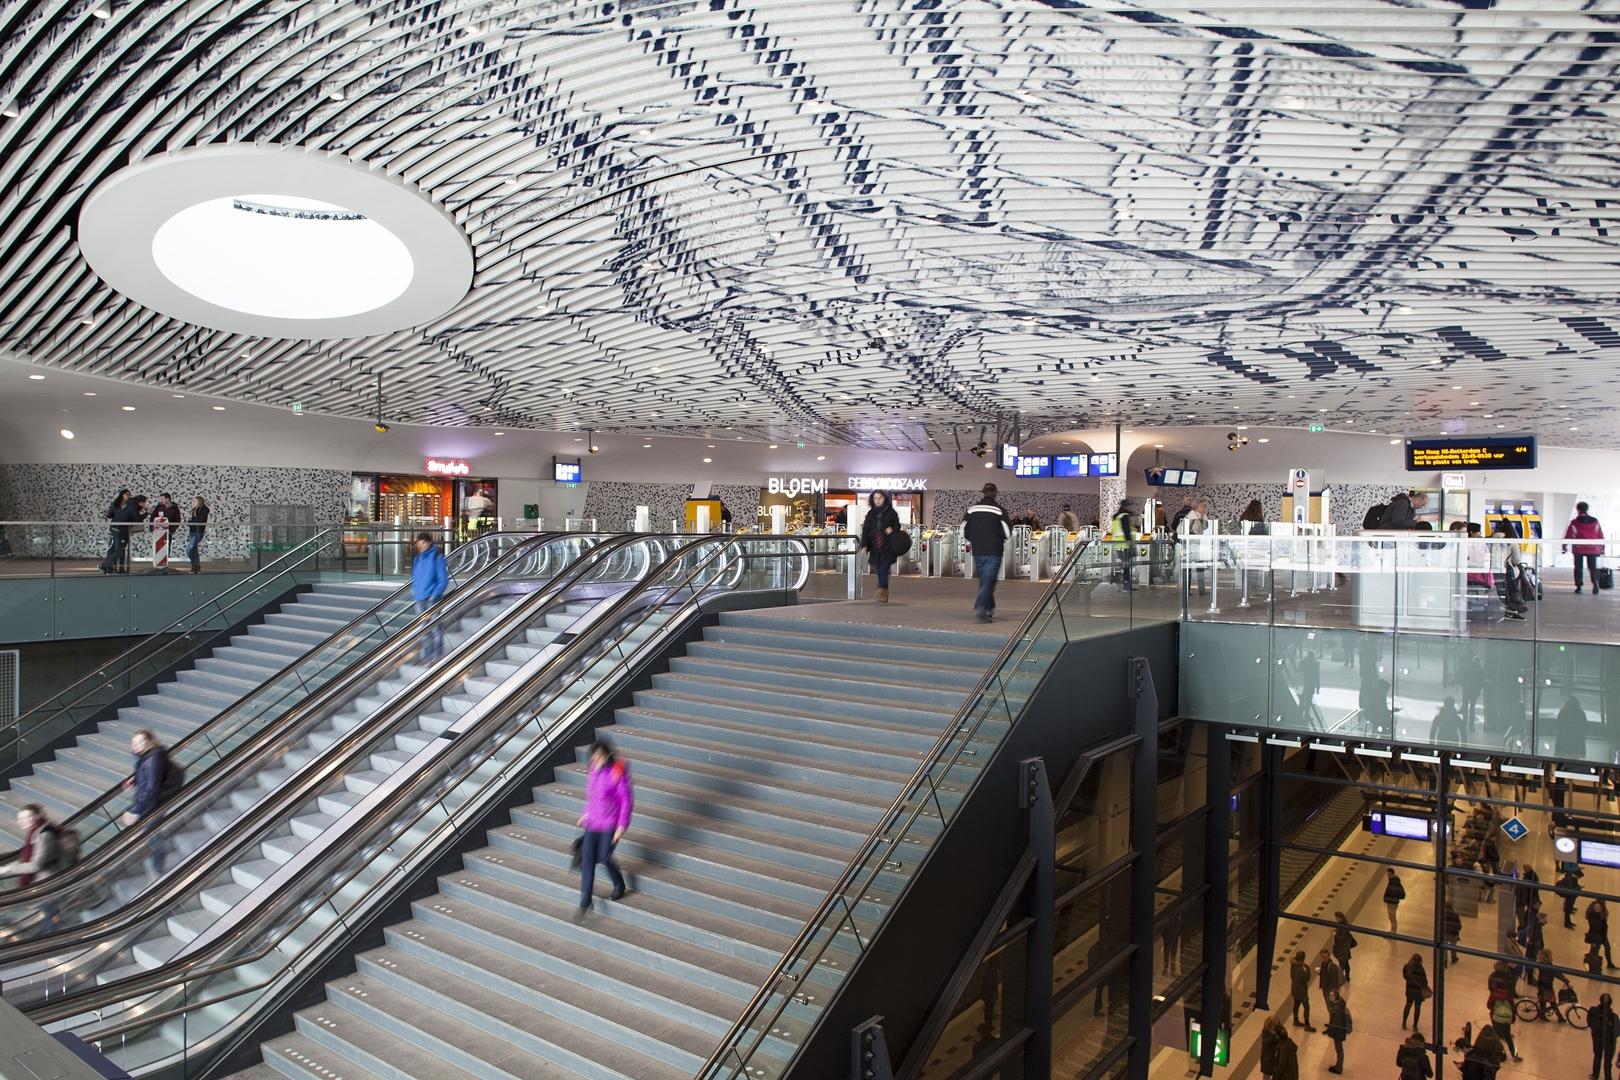 Foto Mecanoo_Stationshal Delft_13 (Copy)